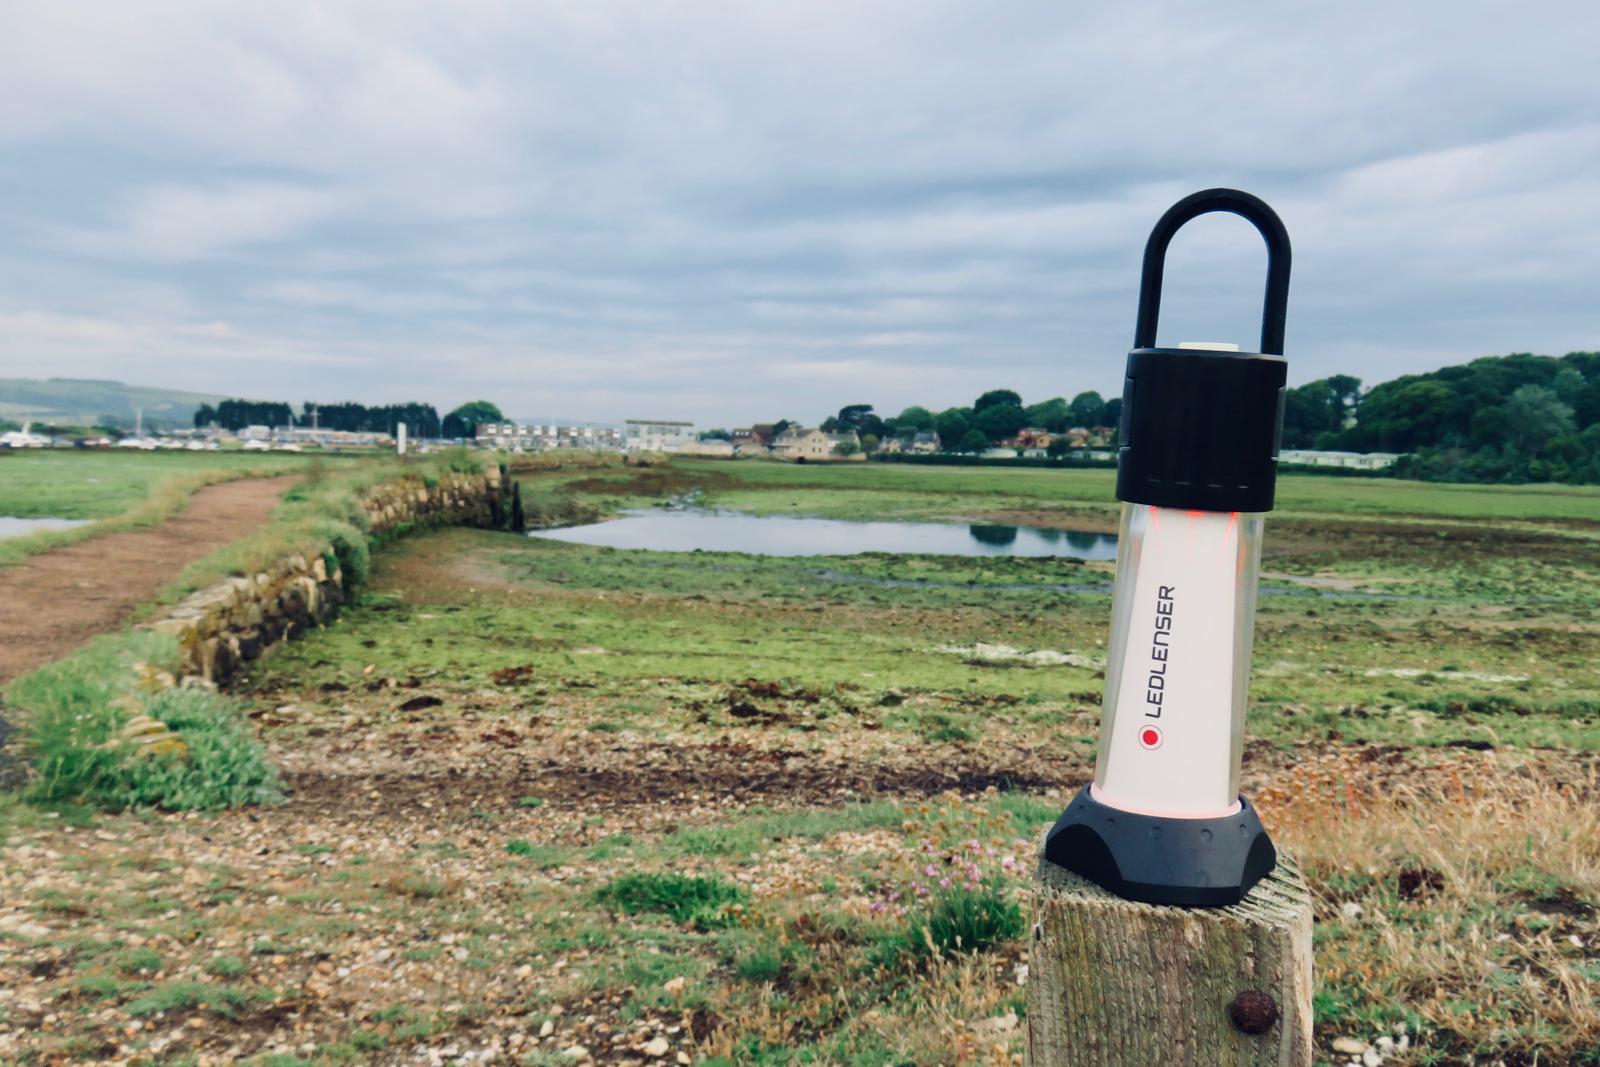 Review Ledlenser ML6 LED Lantern